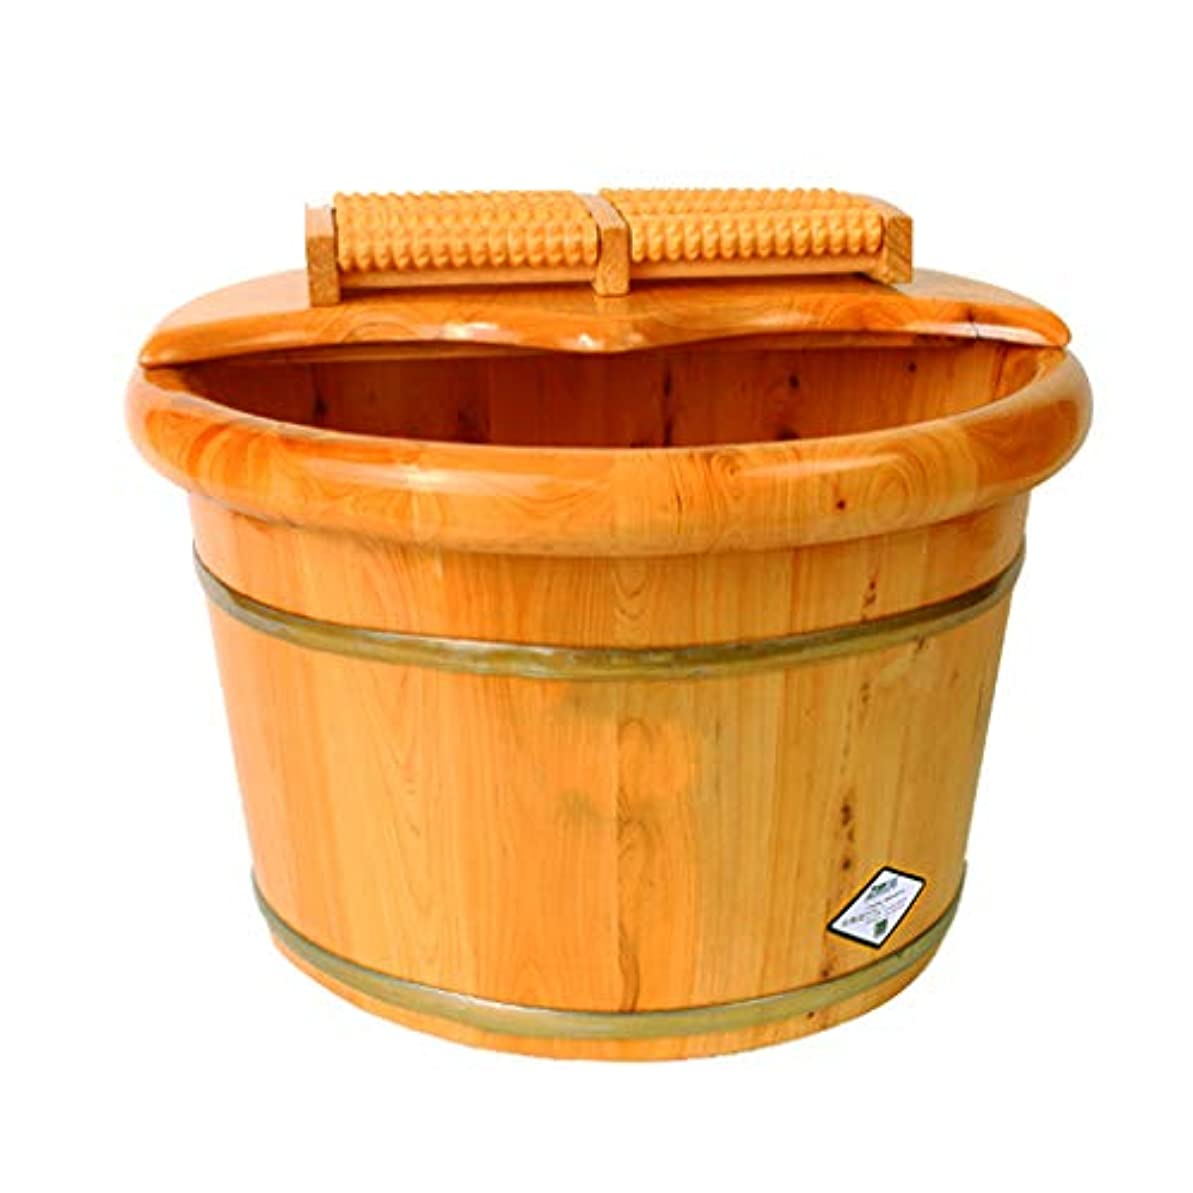 各連帯考えHJBH高品質純粋な天然杉ウッドフット風呂樽ふた付き木製世帯フット浴槽厚いシダーウッドフットマッサージャーサイズ:直径41.5 M *高26 CM